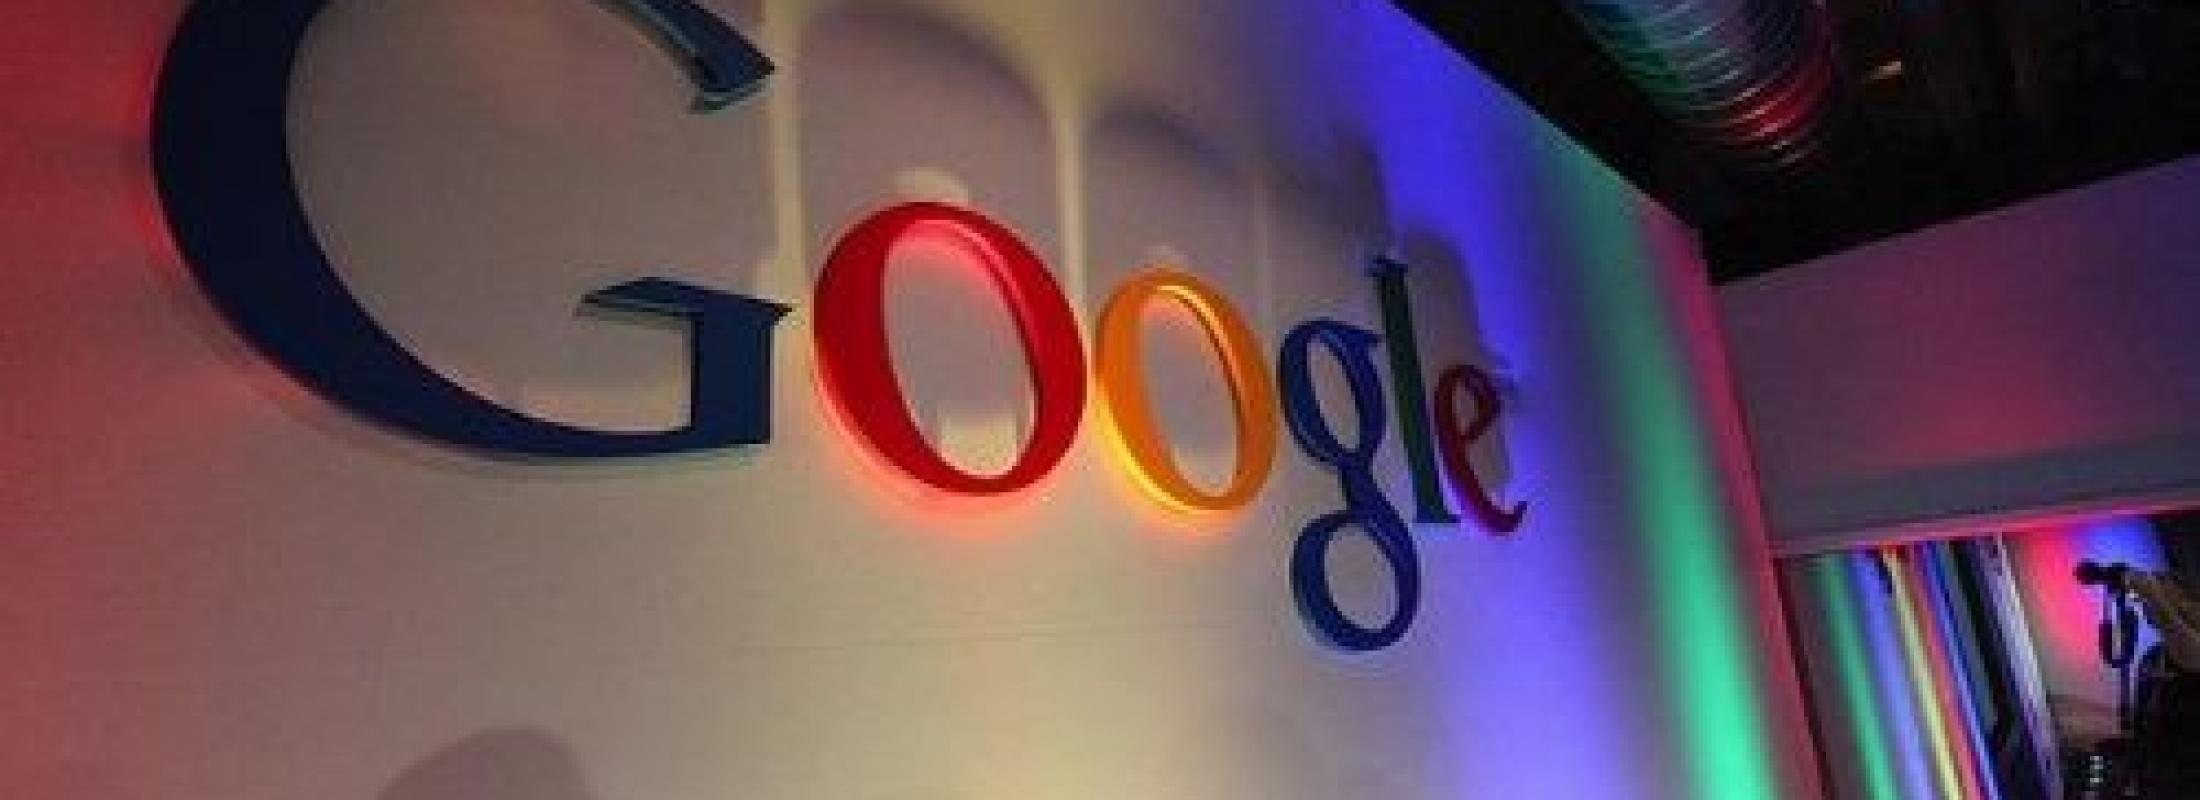 Google arama çubuğundan 'alarm ayarlayabilir, notlar gönderebilirsiniz!